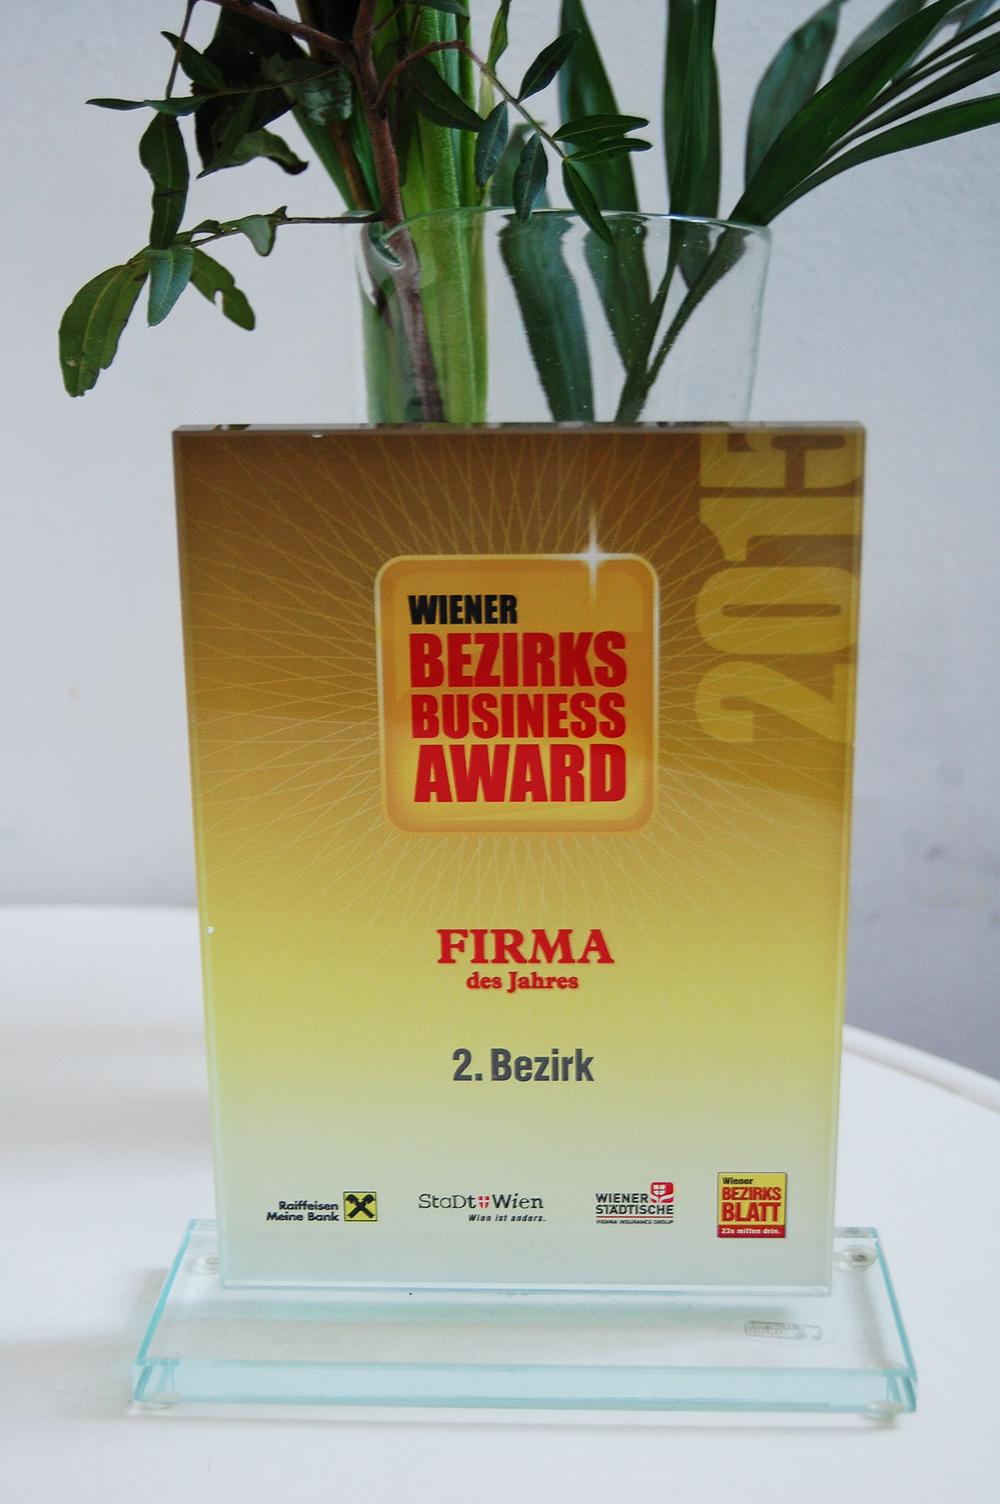 Wiener Bezirks Business Award - … von den Lesern des Bezirksblattes Leopoldstadt zur Firma des Jahres 2015 gekürt!